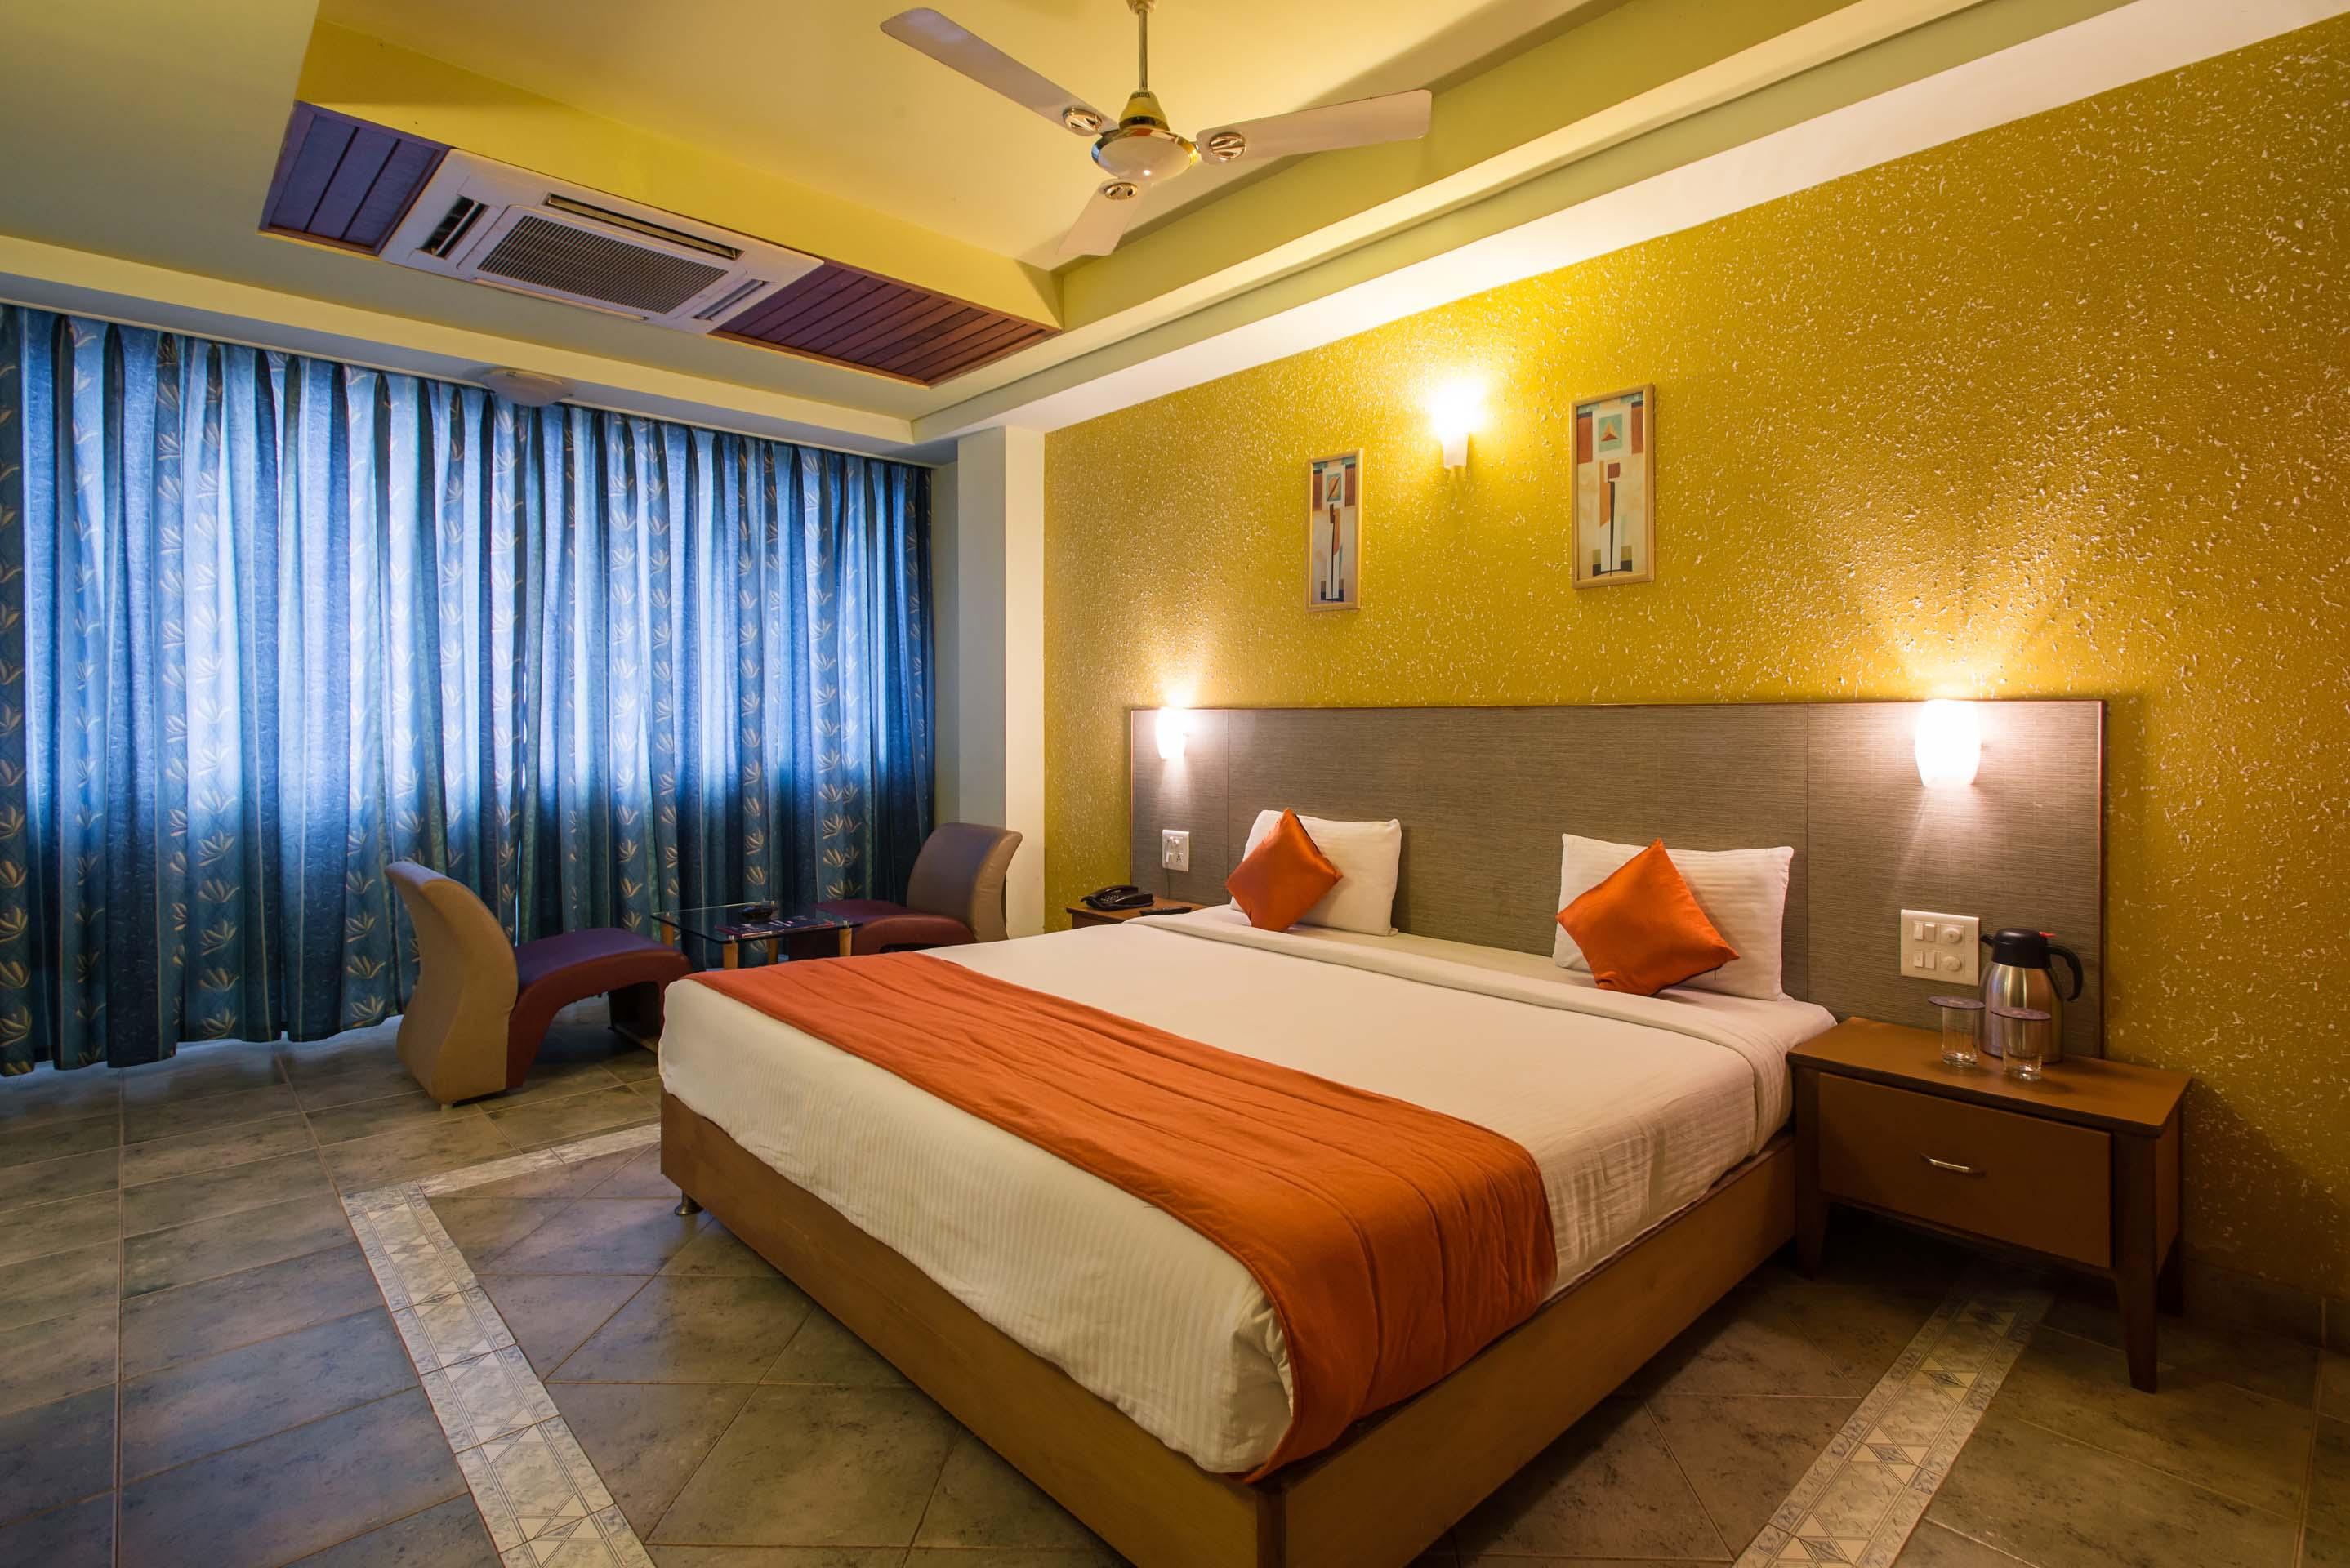 OYO 1712 Goa Woodland Hotel in Goa